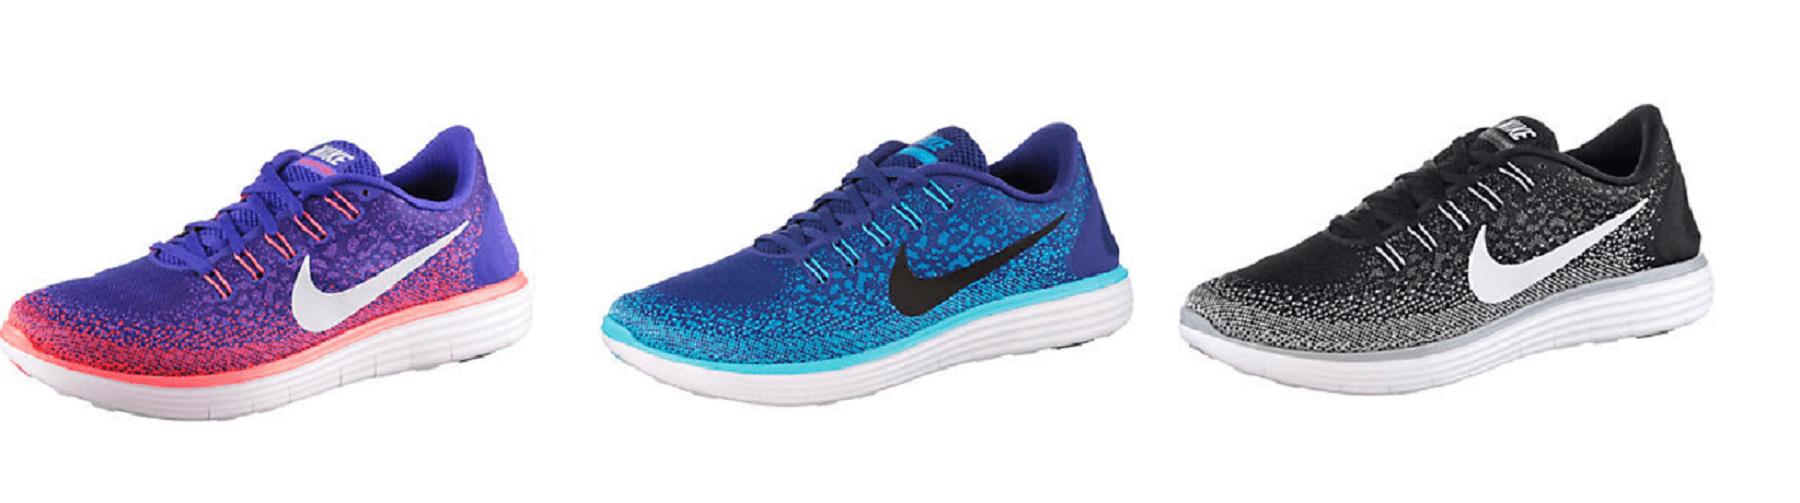 Buyfit Sportschuh Nike free